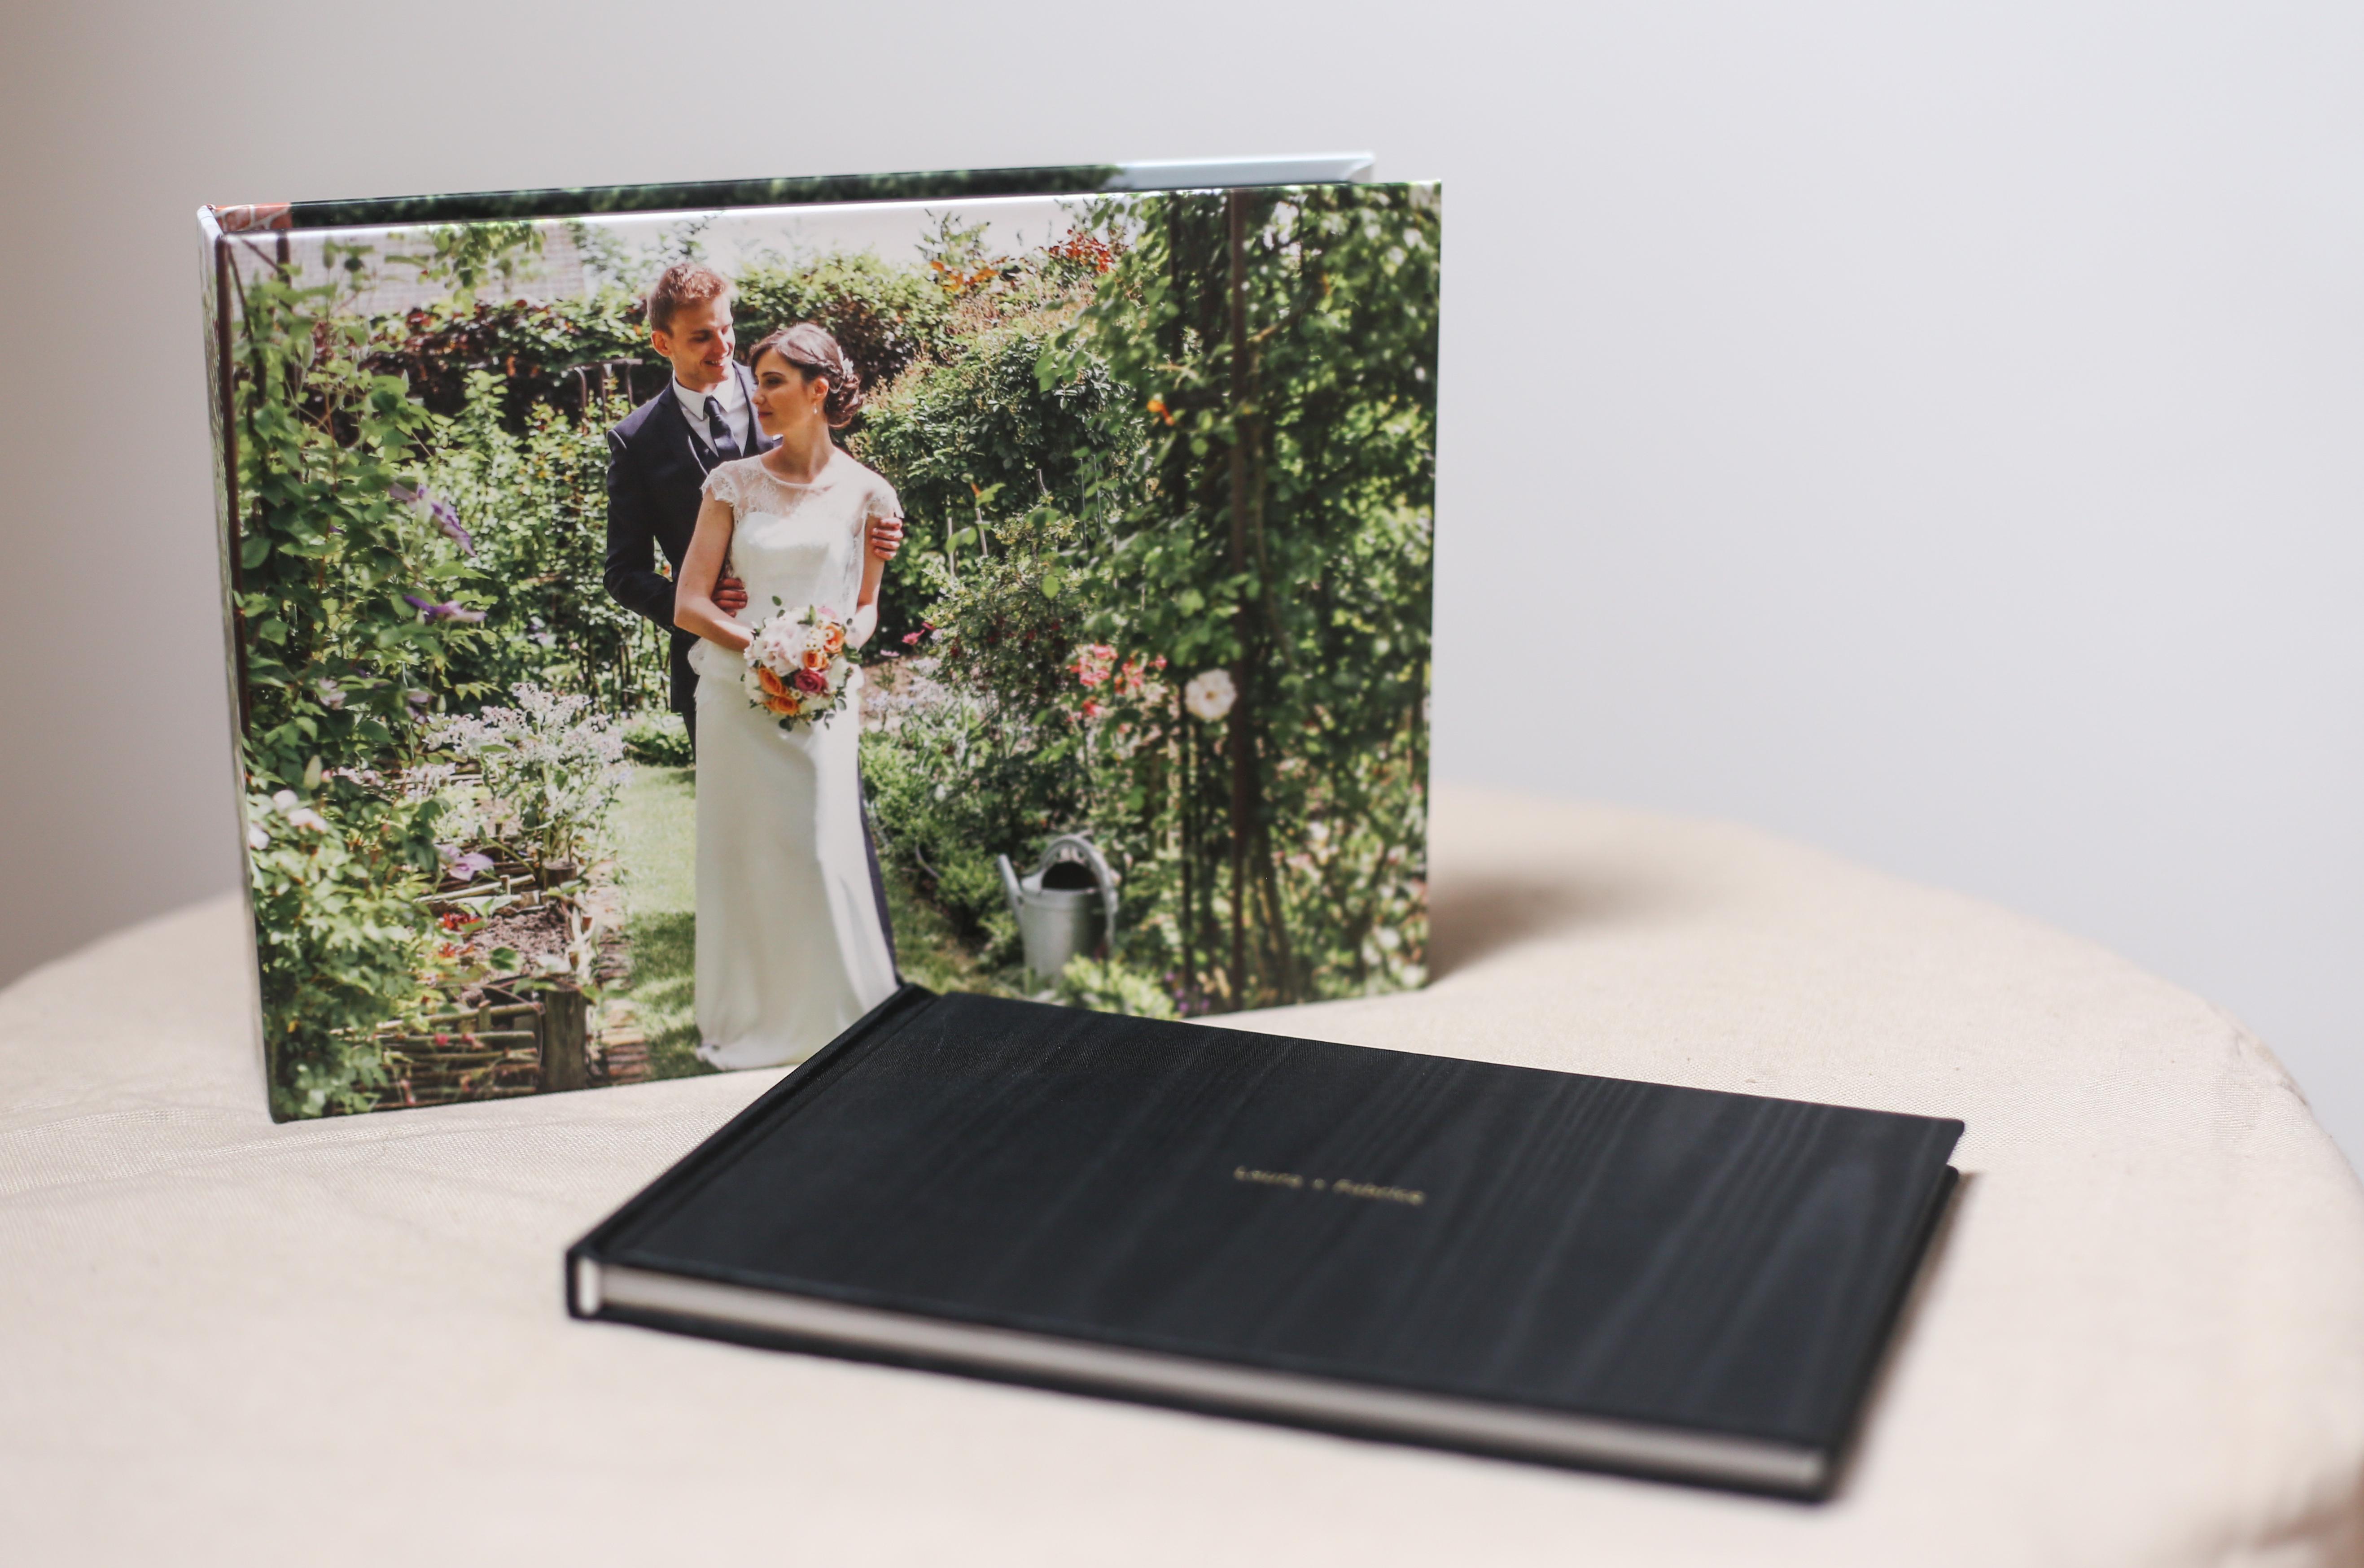 Garder un souvenir de votre mariage avec un album photo professionnel…